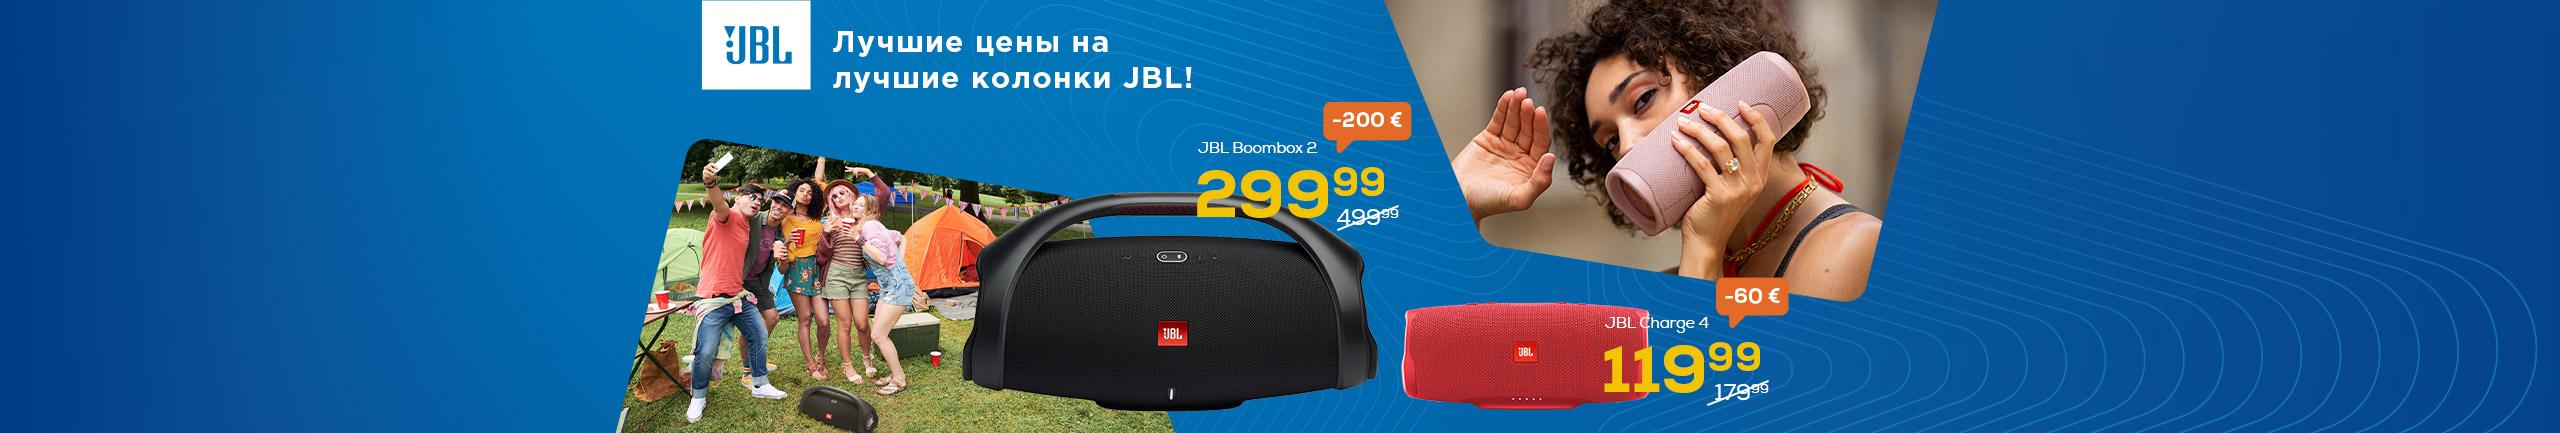 Лучшие цены на лучшие колонки JBL!